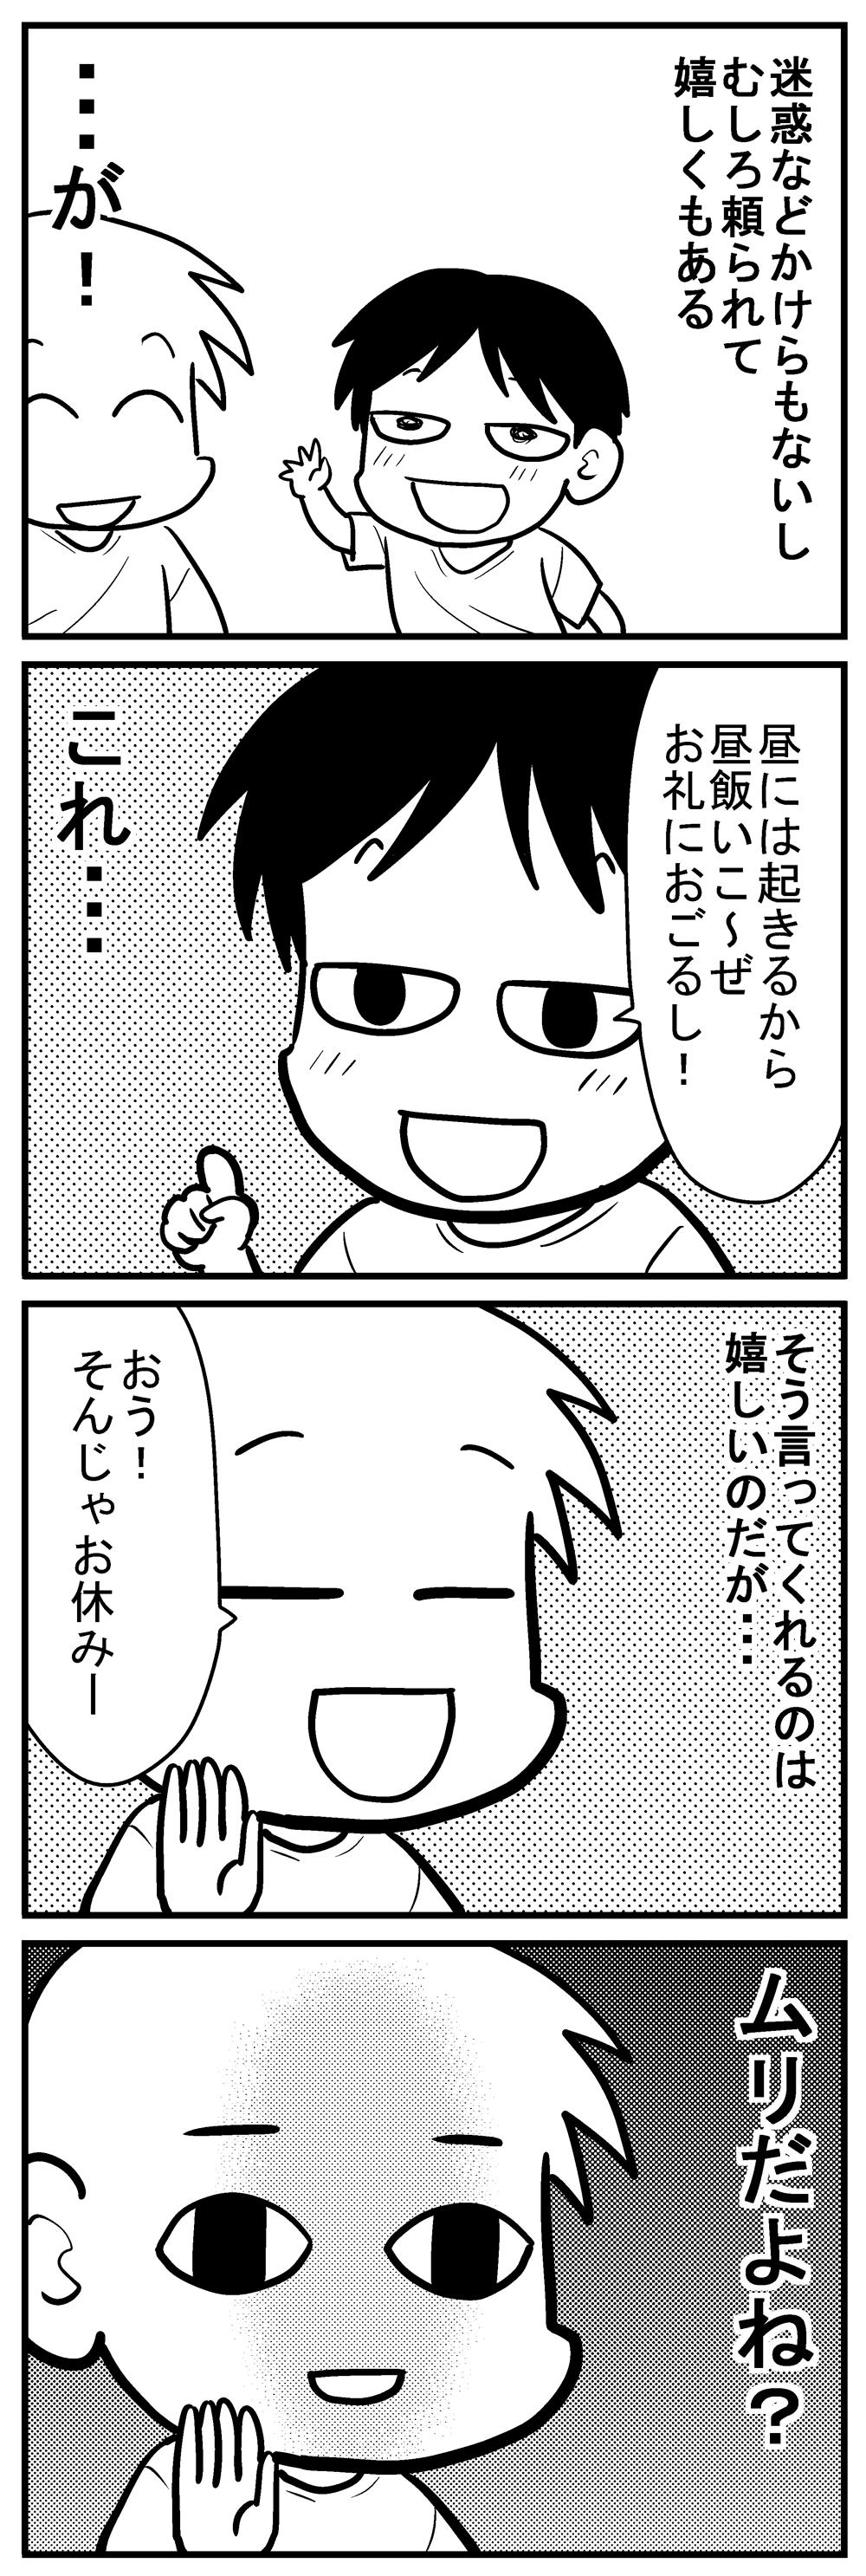 深読みくん92-2